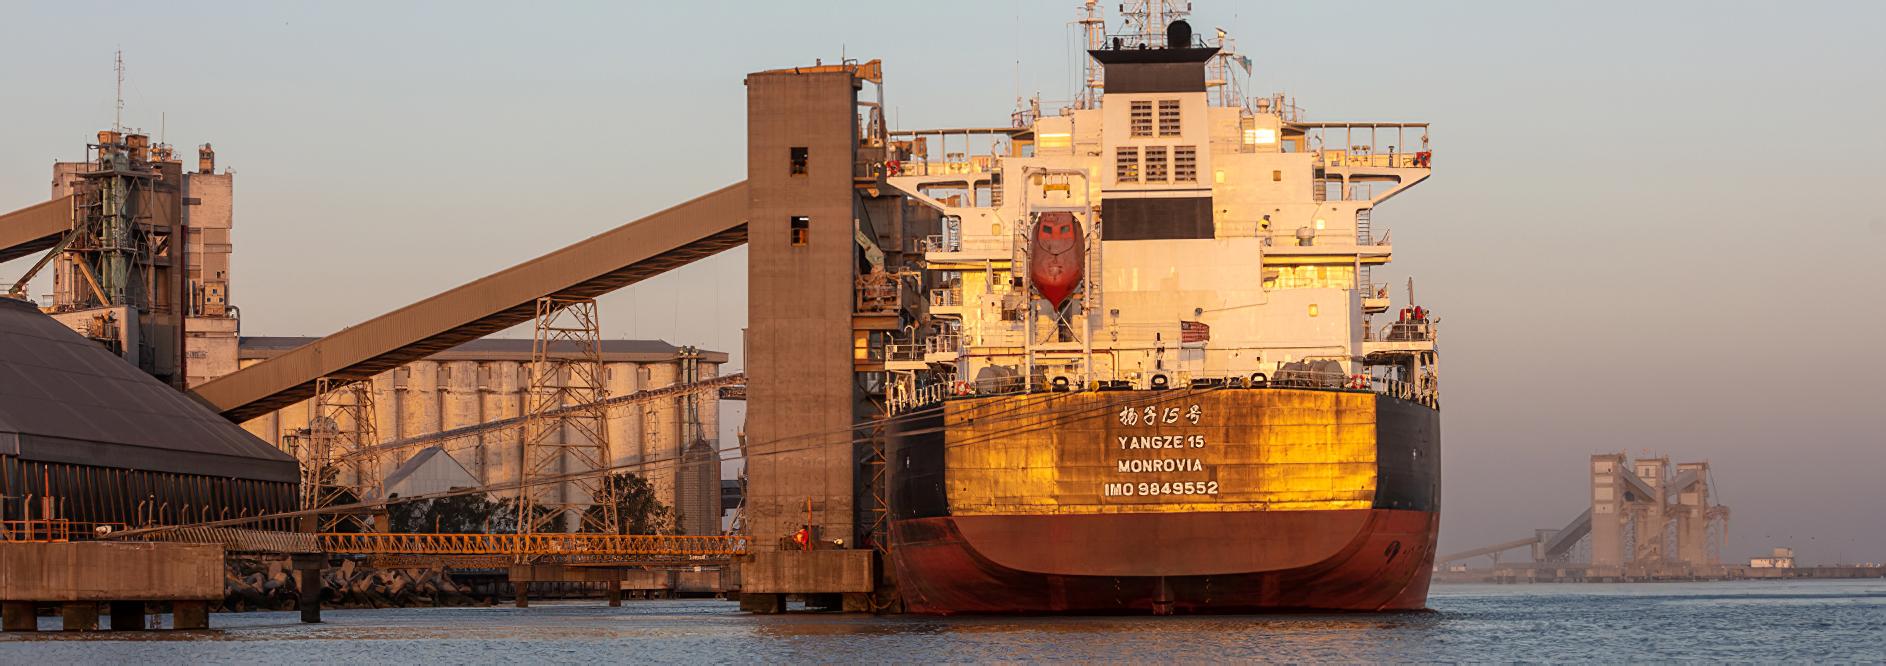 Sigue el crecimiento operativo en el puerto de Bahía Blanca